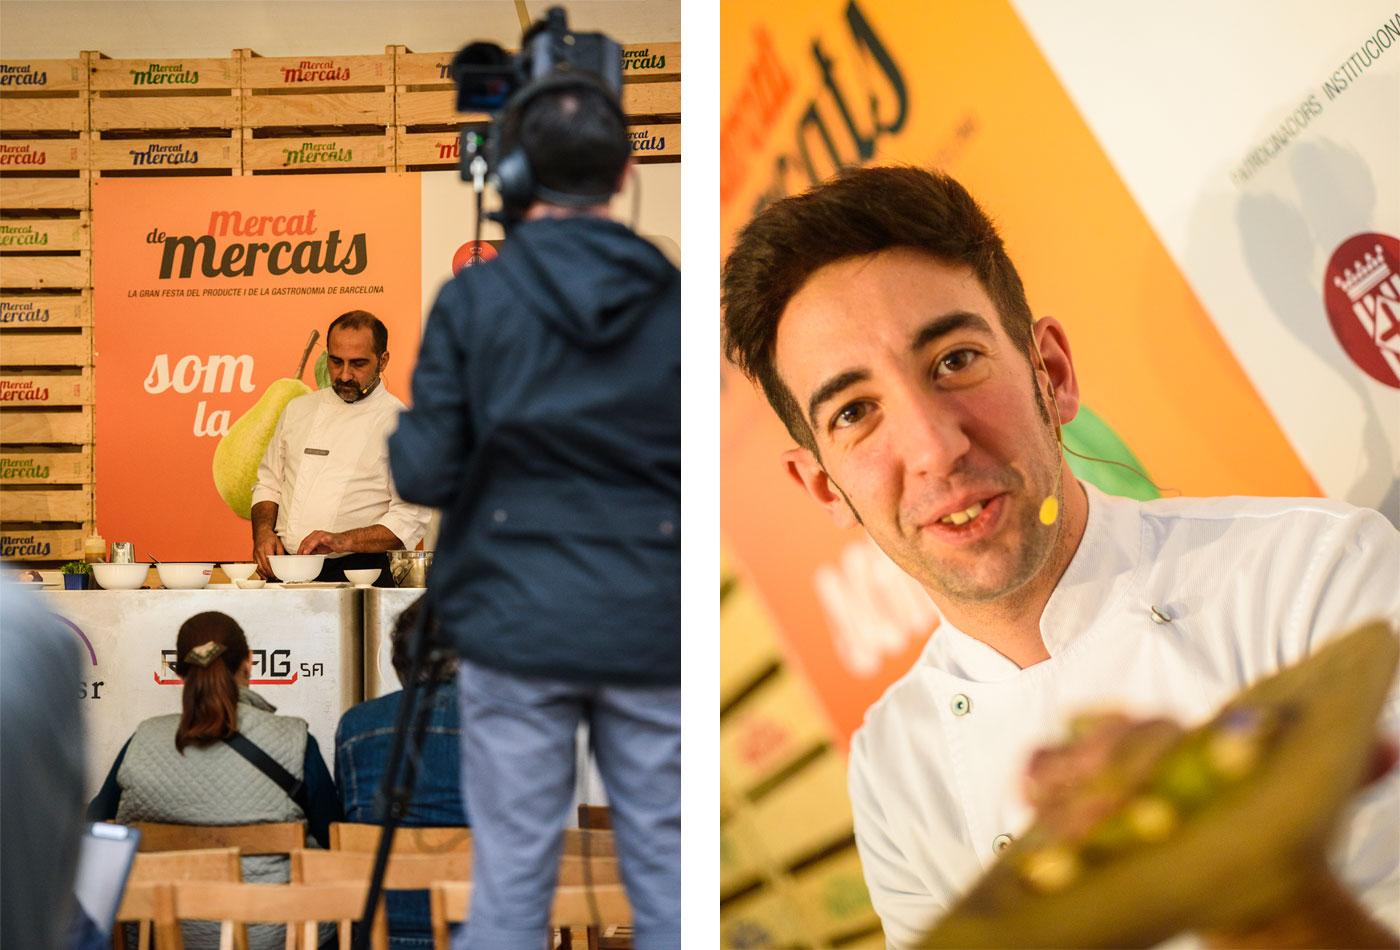 mercatdemercats-mercats-barcelona-gastronomia-disseny-espai-barcelona-creartiva